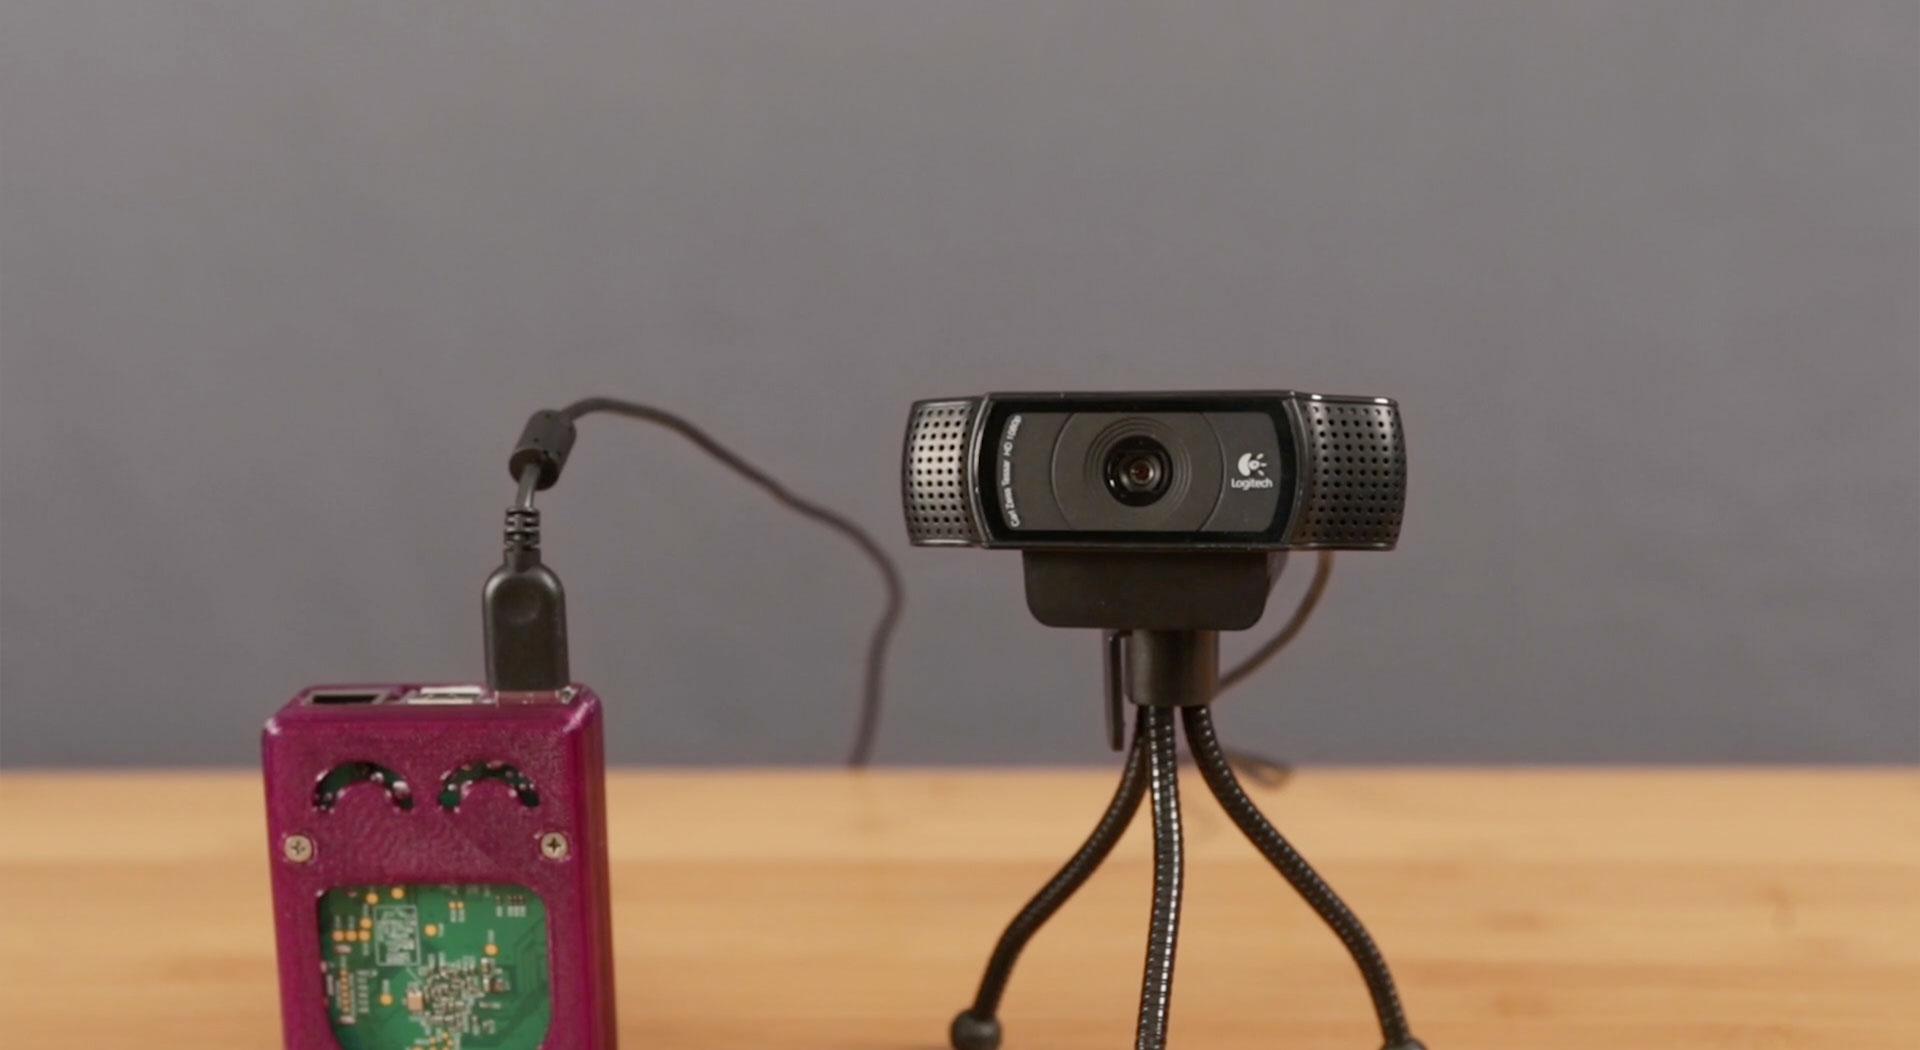 raspberry_pi_webcam.jpg